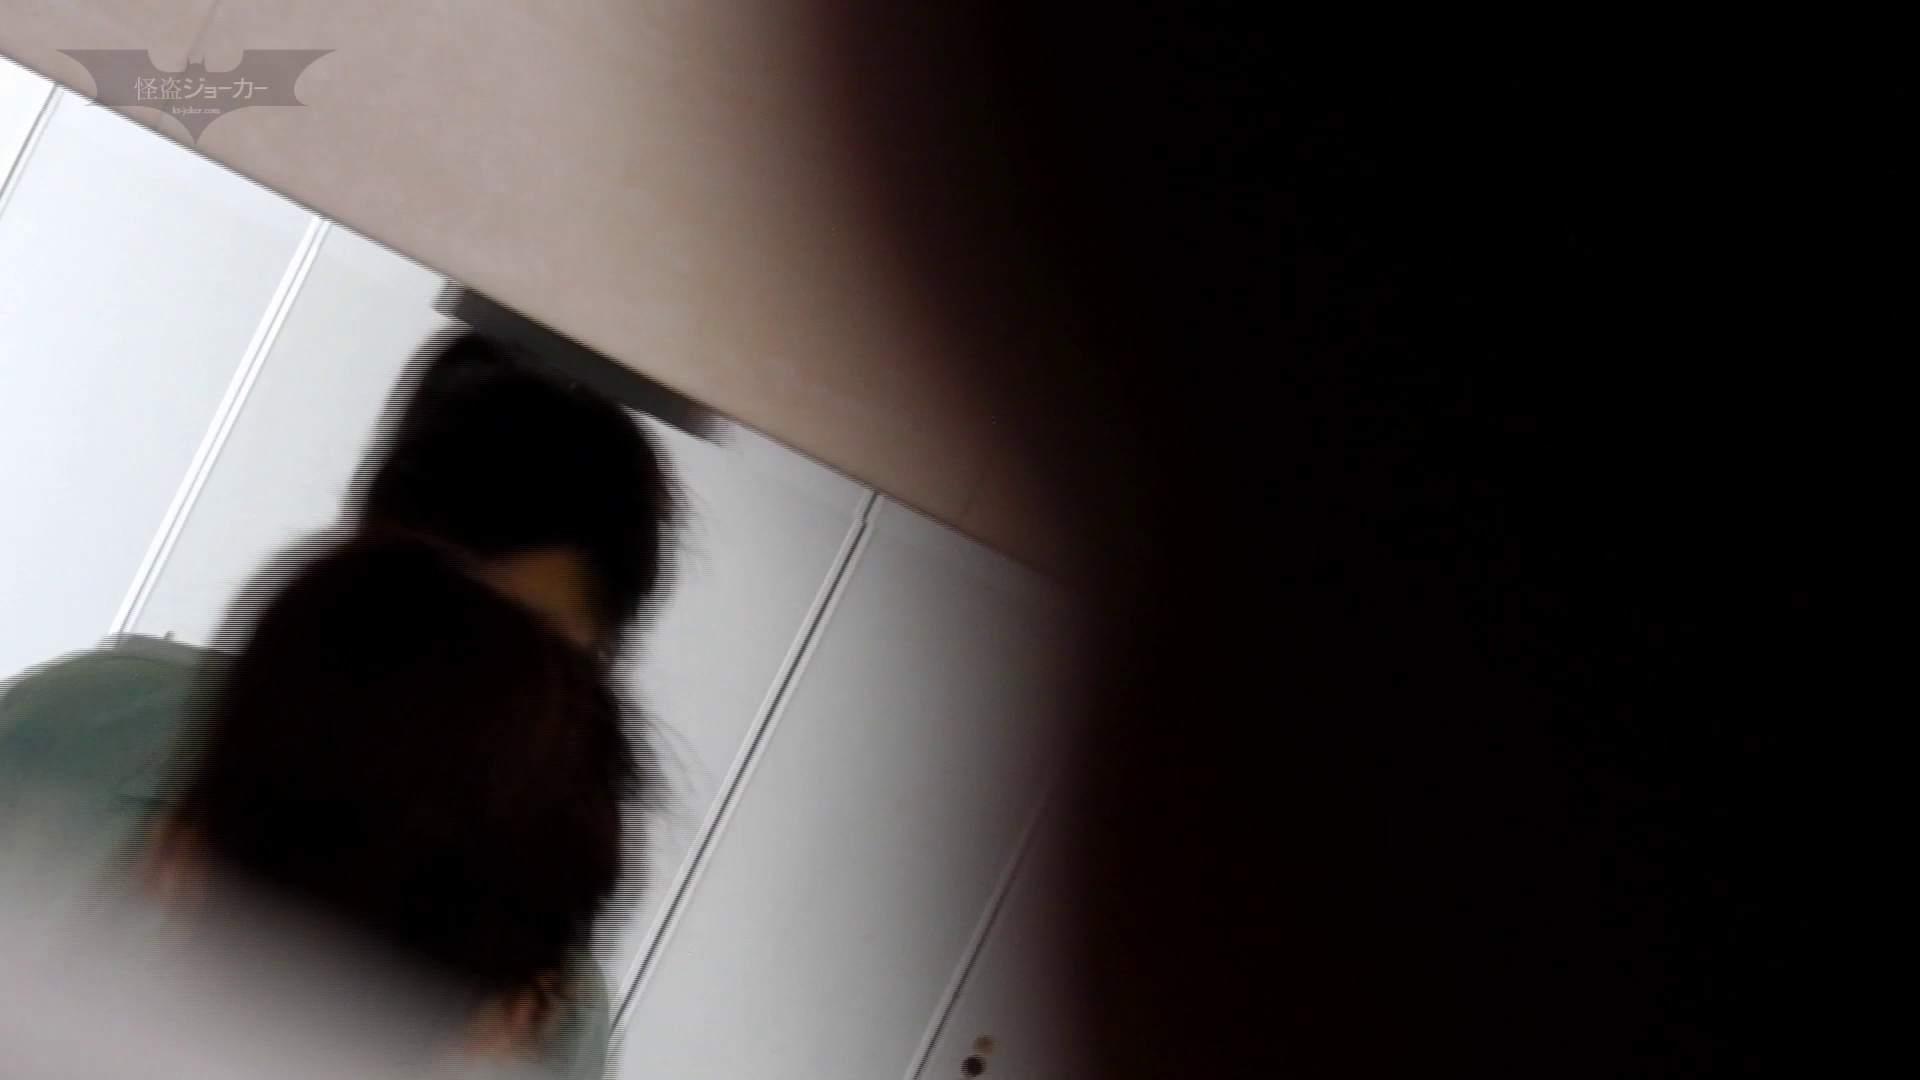 潜入!!台湾名門女学院 Vol.10 進化 美女ハメ撮り  110Pix 6